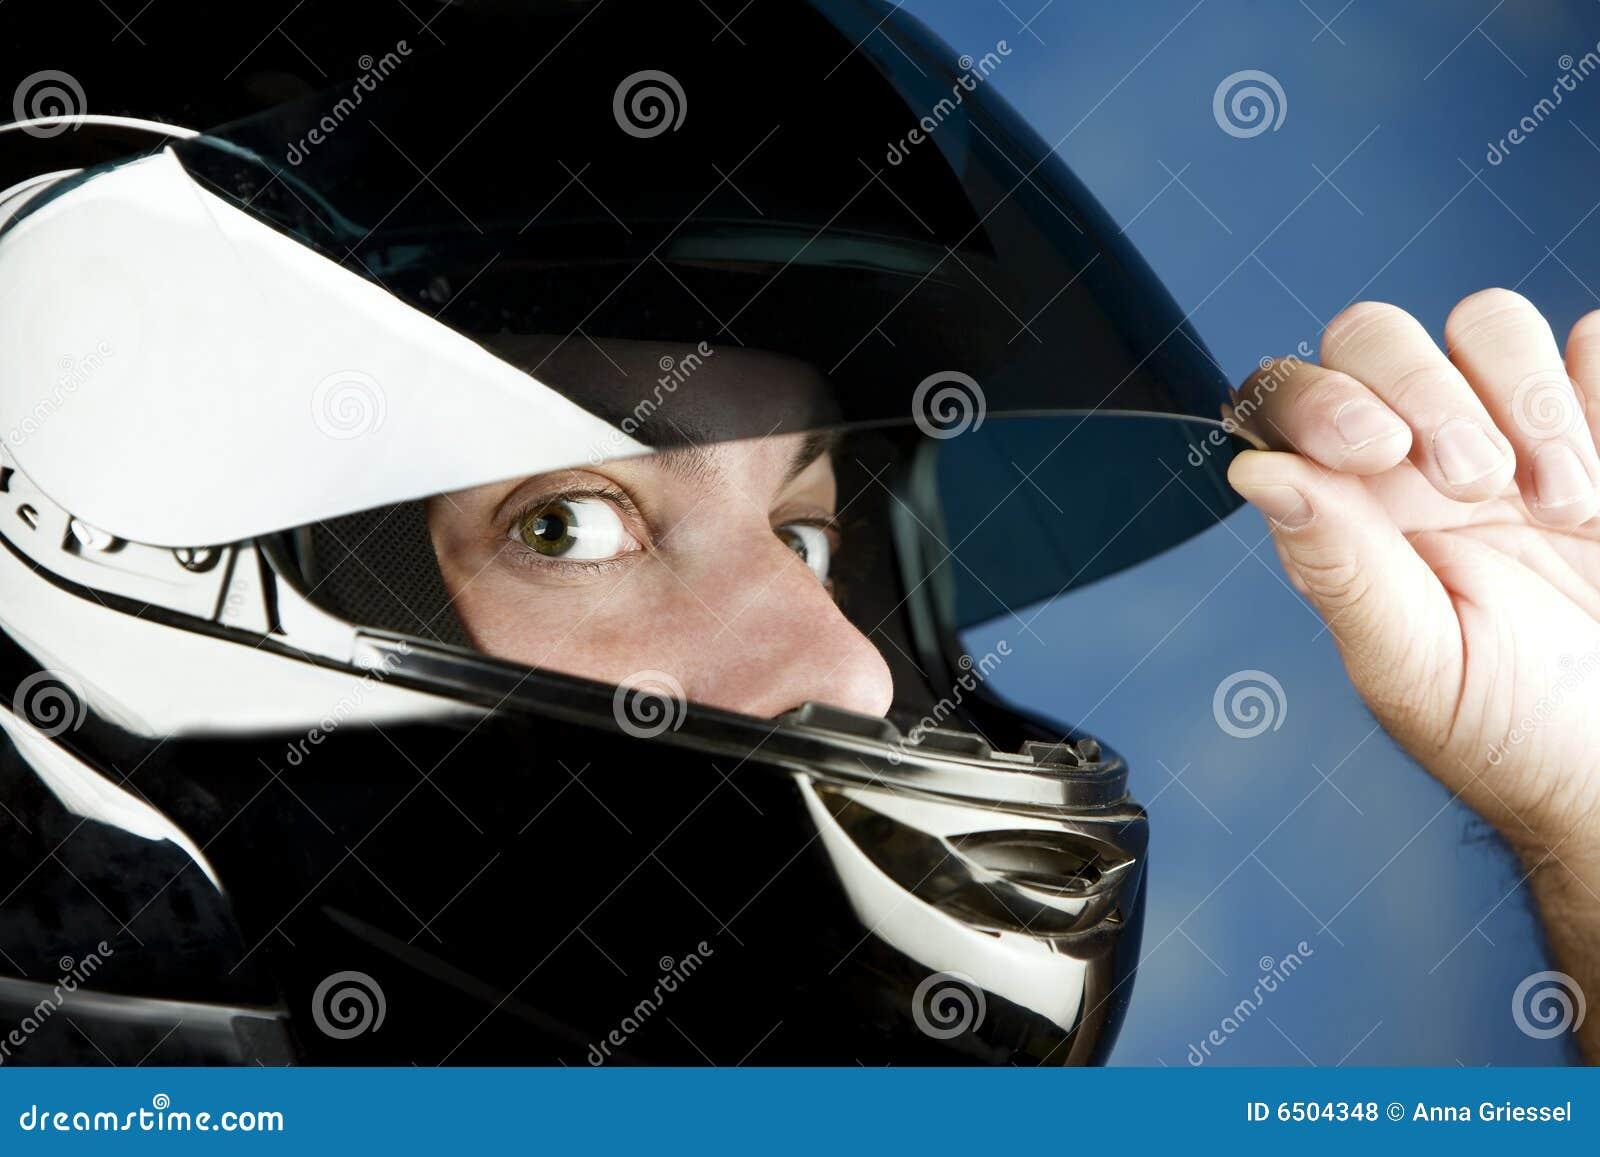 Wide-eyed man in a motorcycle helmet